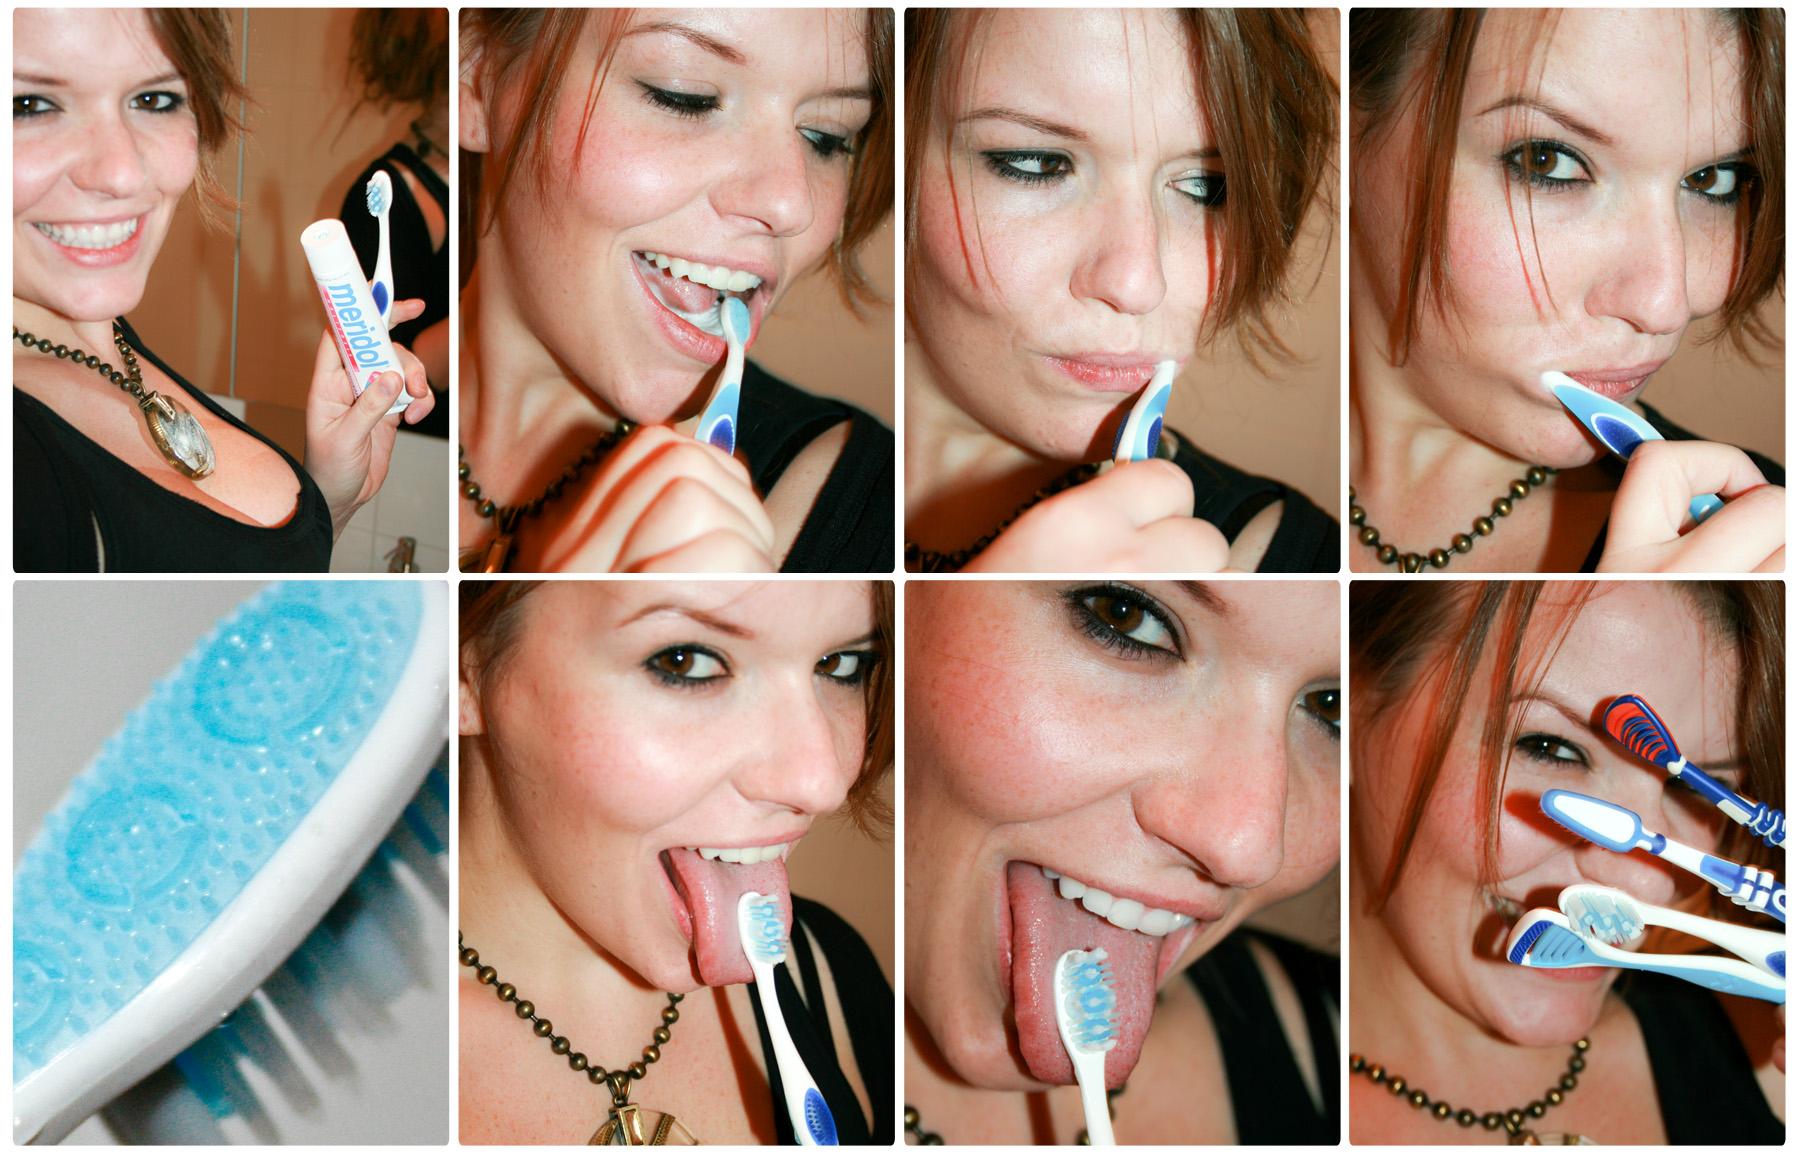 Mundhygiene mit meridol HALITOSIS Produkten: Zahncreme und passende Zahnbürste